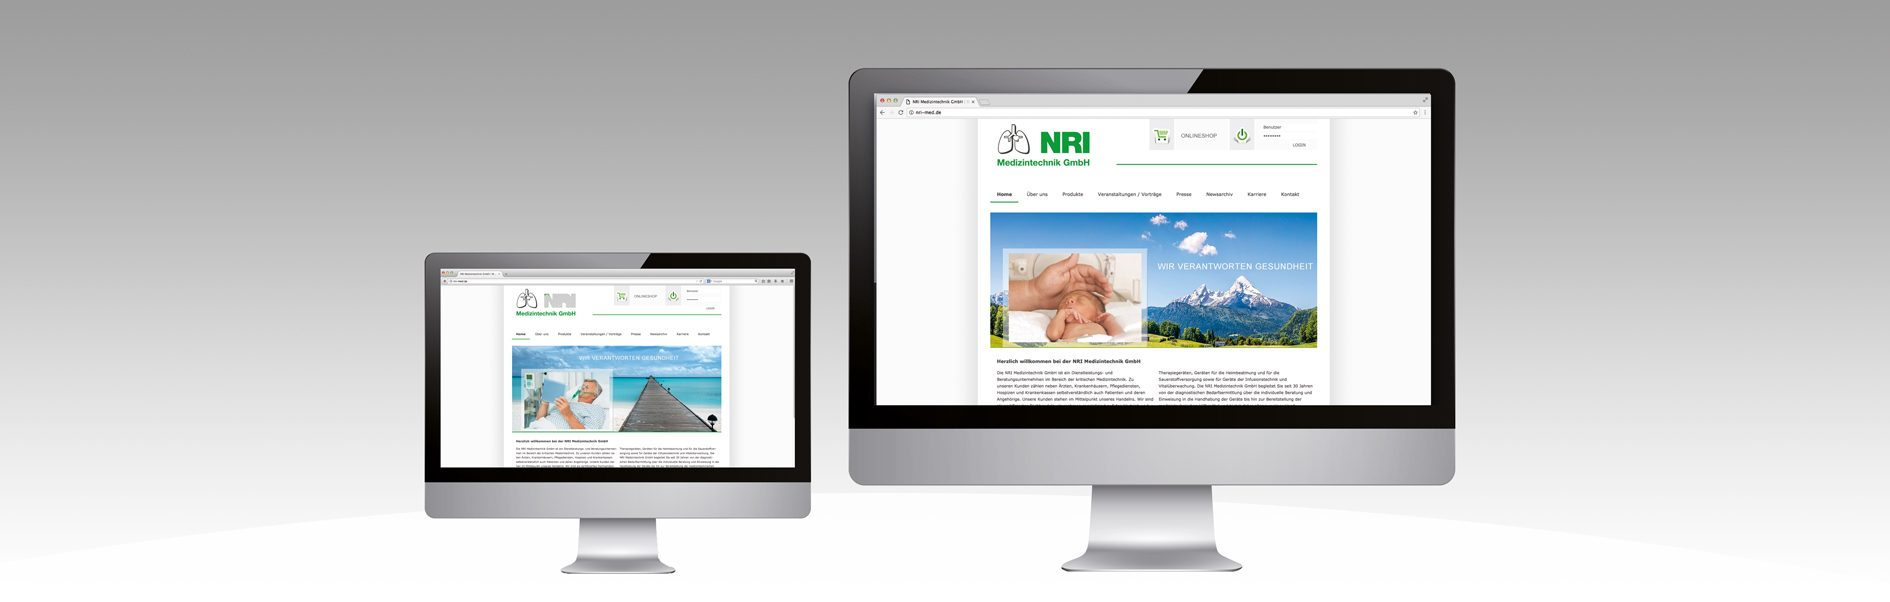 Hier ist der alte sowie der neue Internetauftritt von NRI abgebildet.